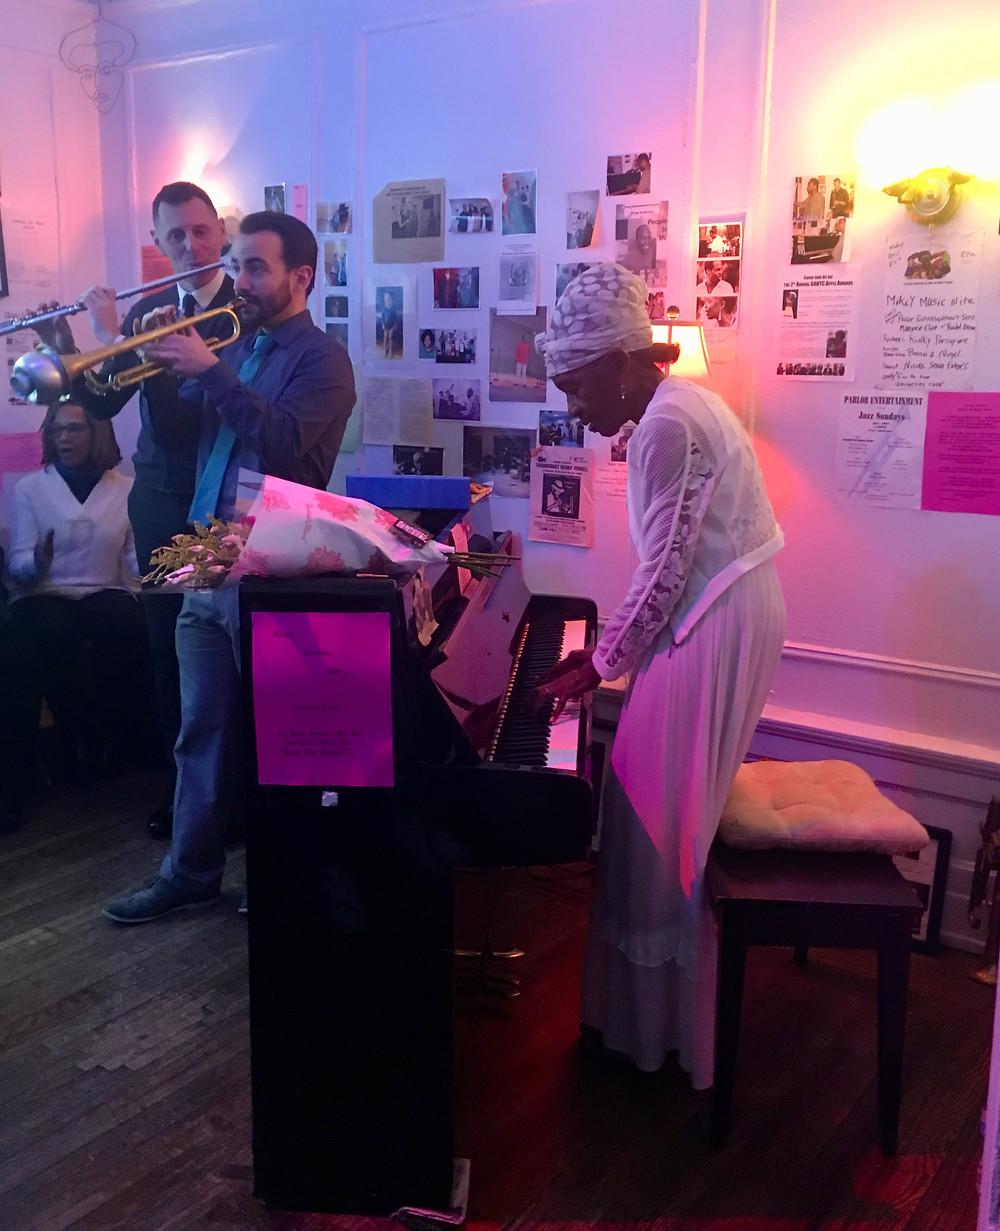 Marjorie Eliot's Jazz Parlor